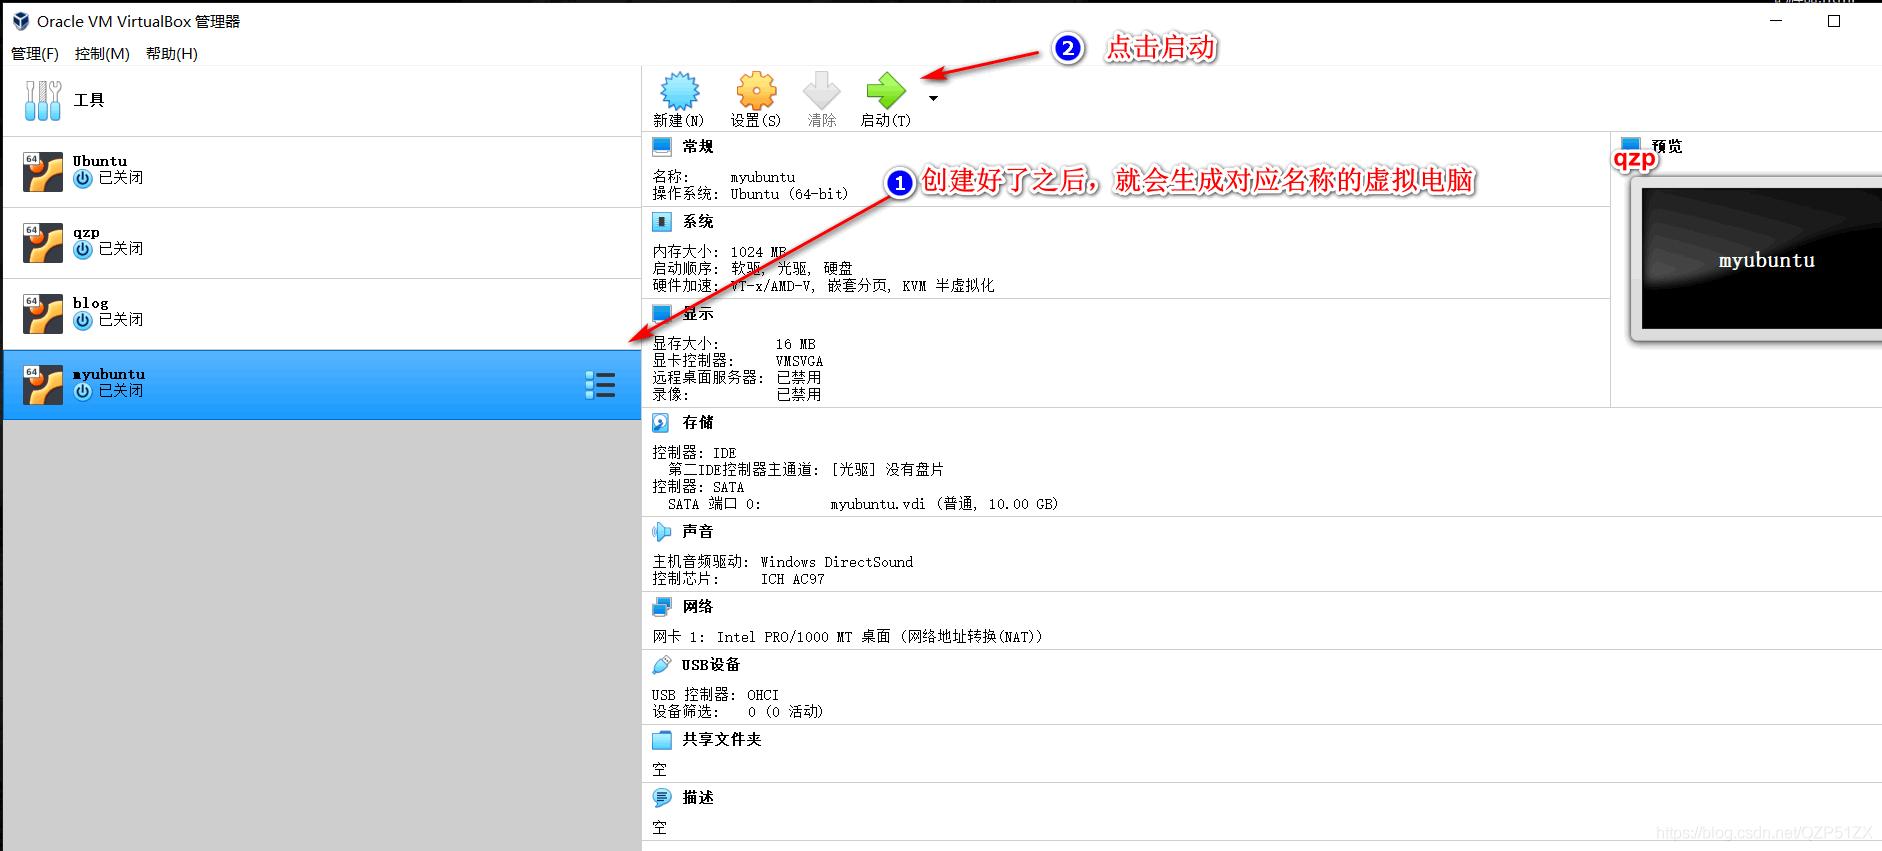 [外链图片转存失败,源站可能有防盗链机制,建议将图片保存下来直接上传(img-H8IyoXwZ-1600817074302)(ubuntu-pictures\ubuntu7.png)]